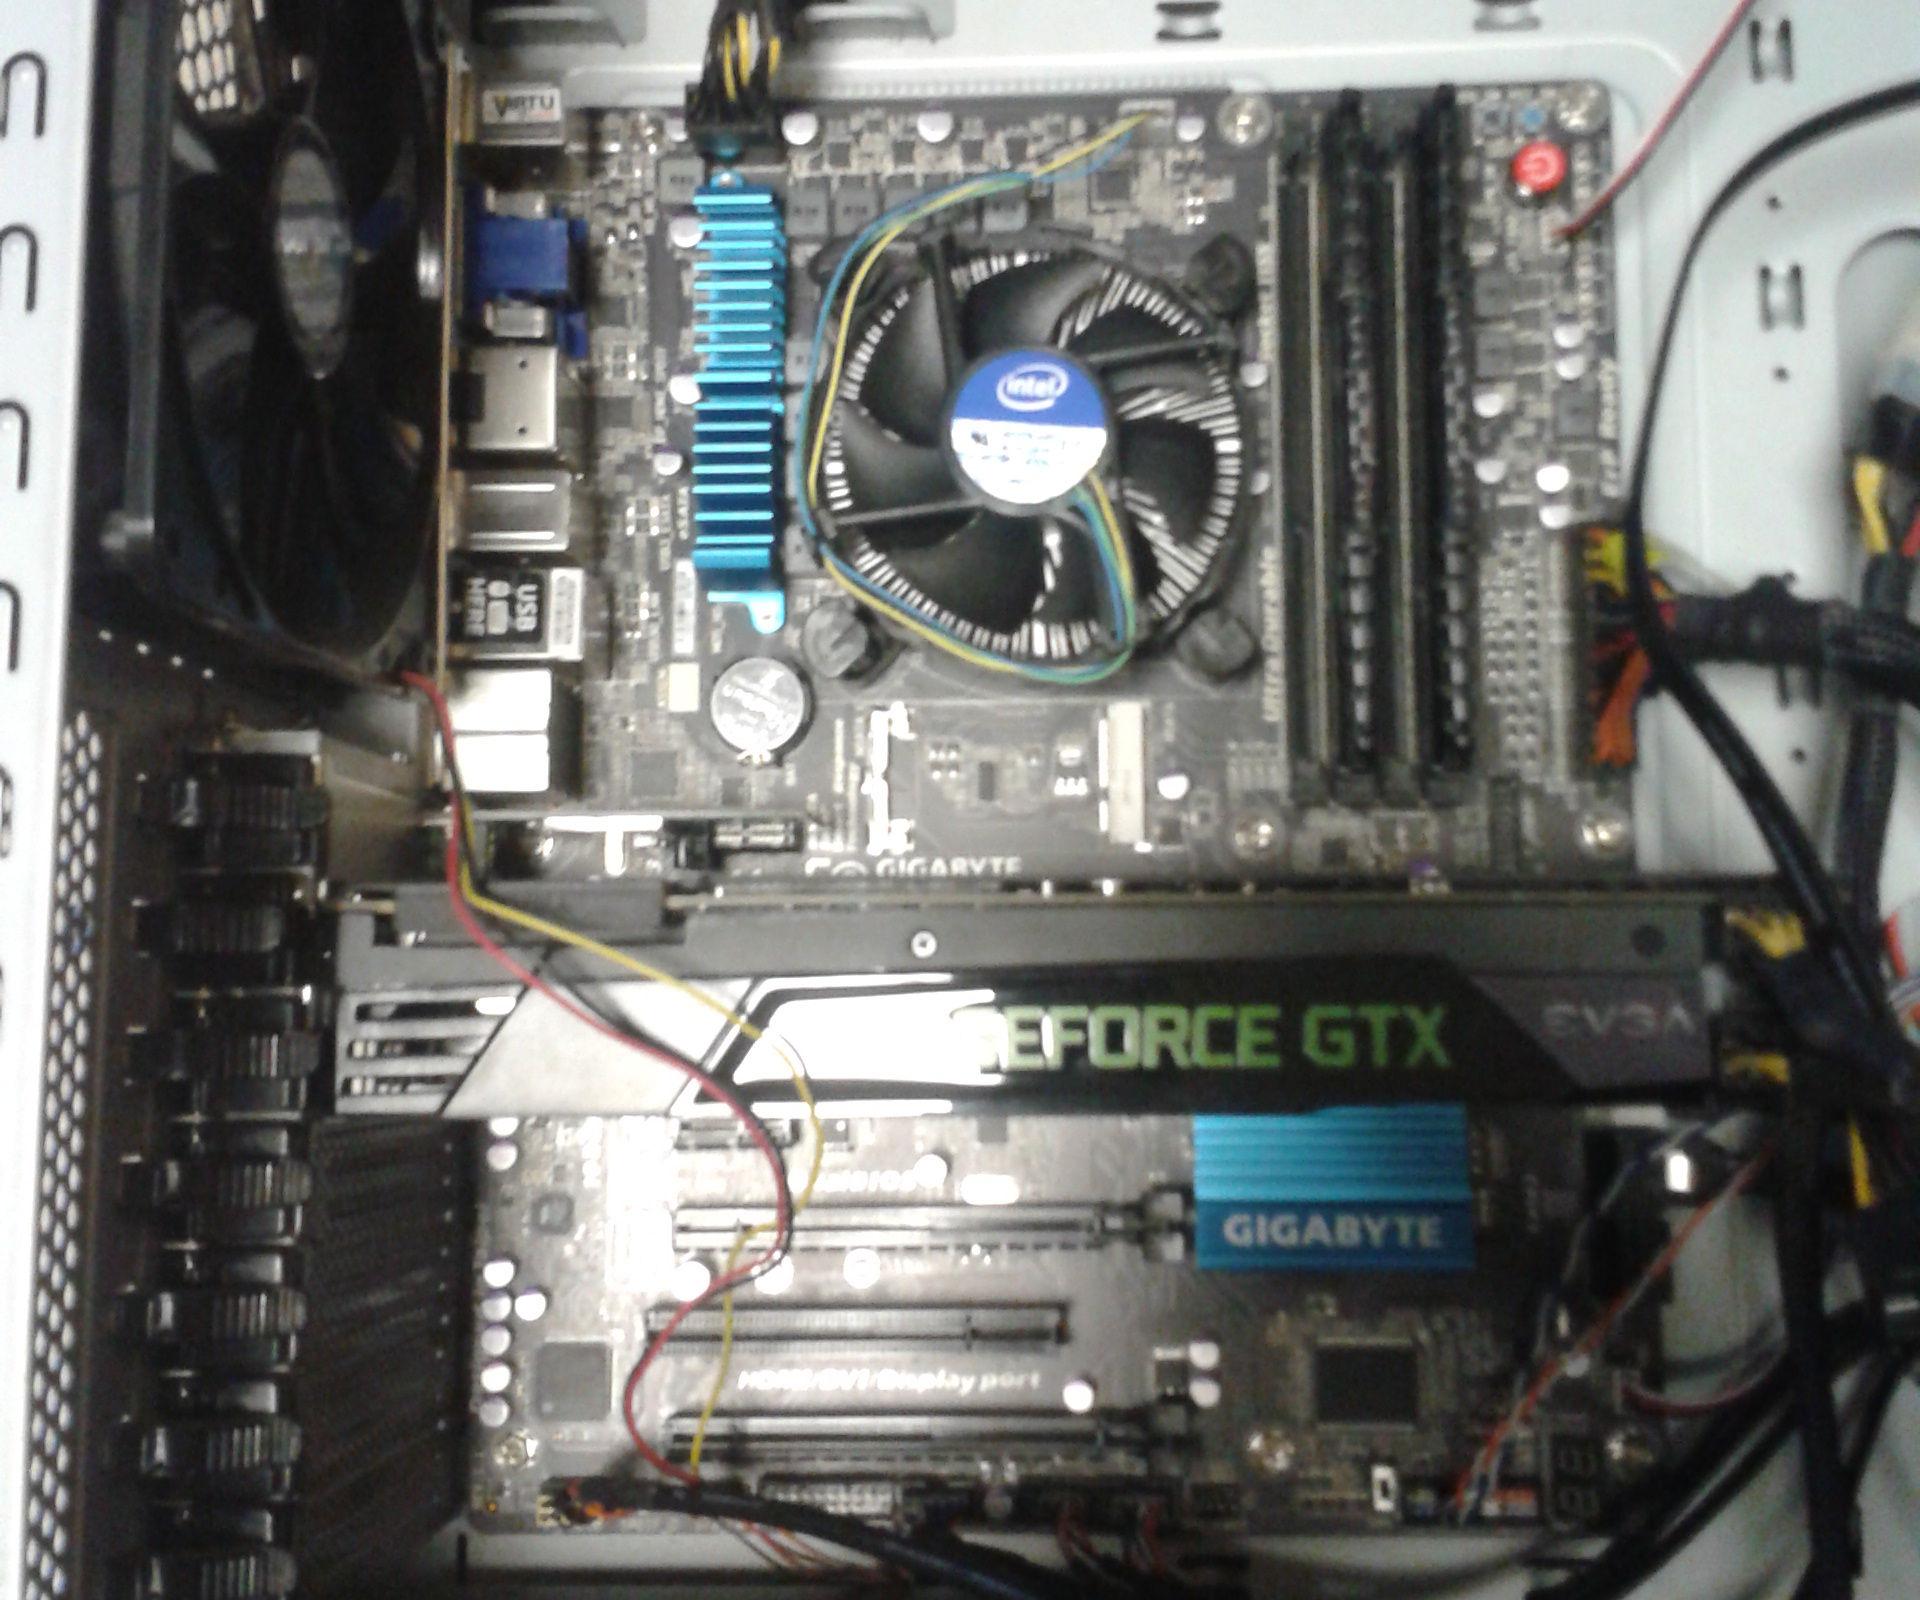 Assembling a Desktop Computer